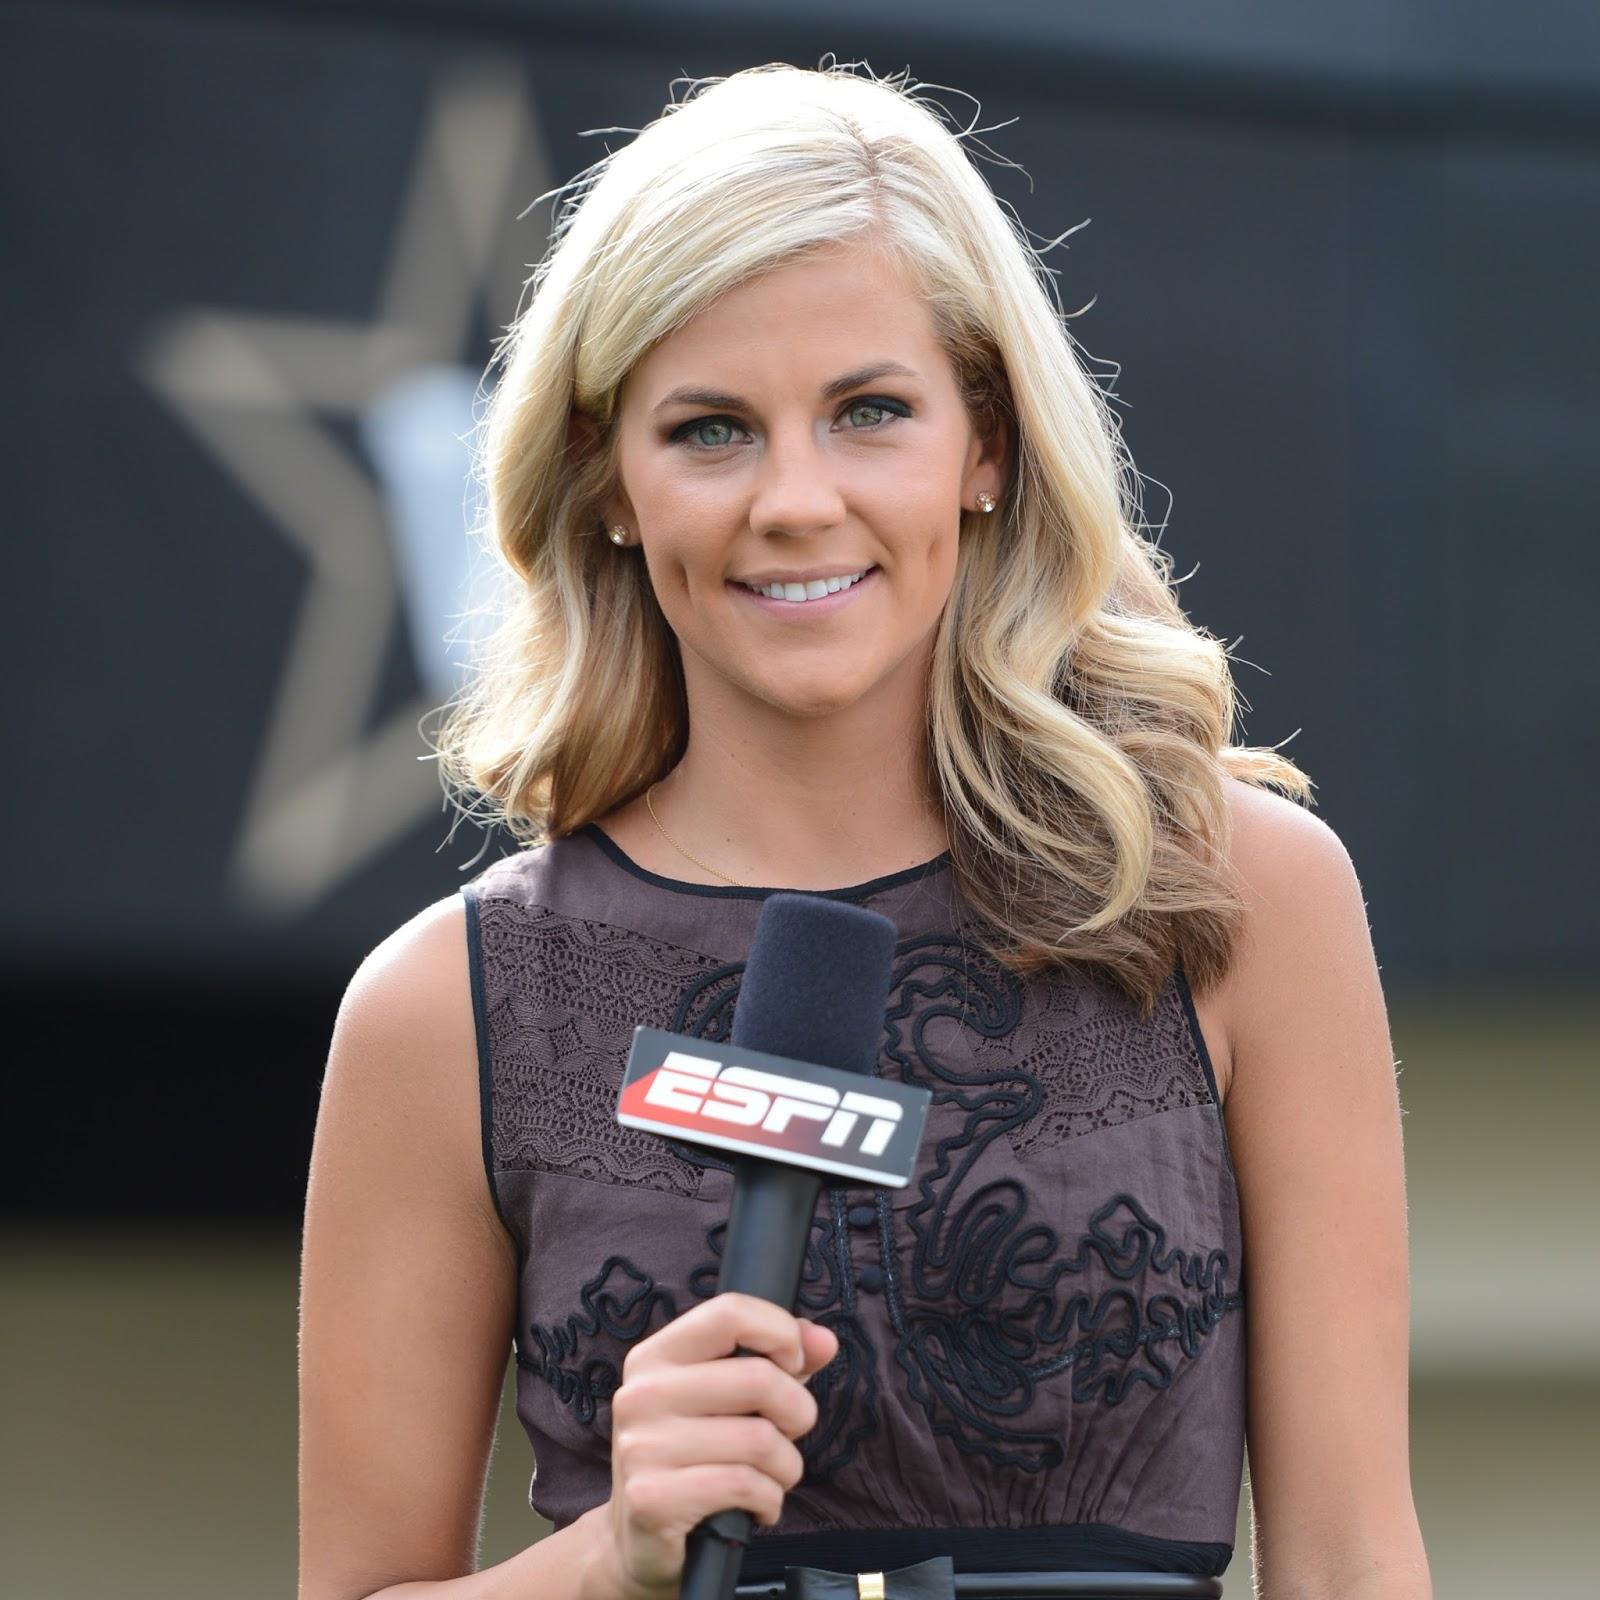 Samantha Ponder is an ex-sideline reporter for ESPN